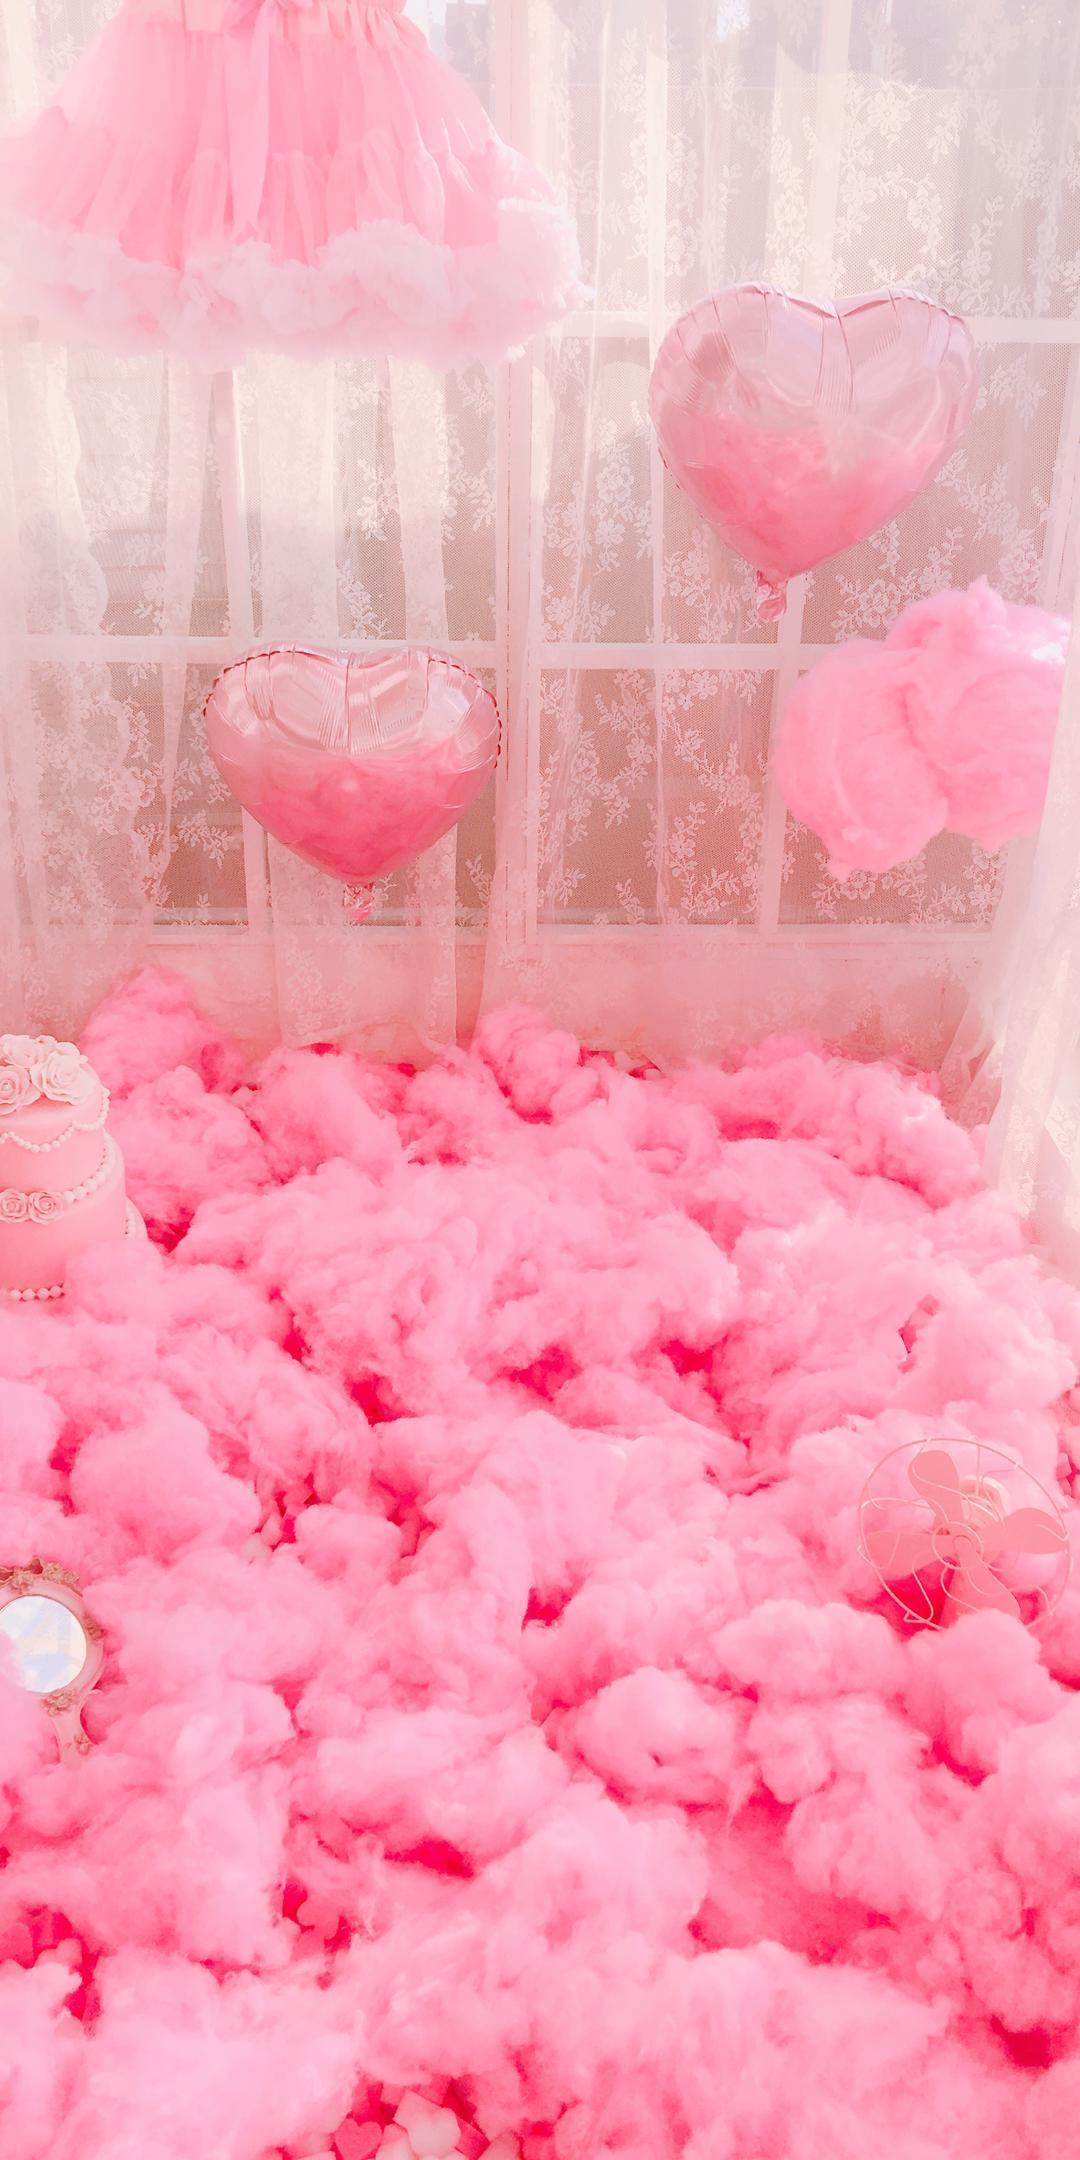 粉色系少女心手机壁纸插图11